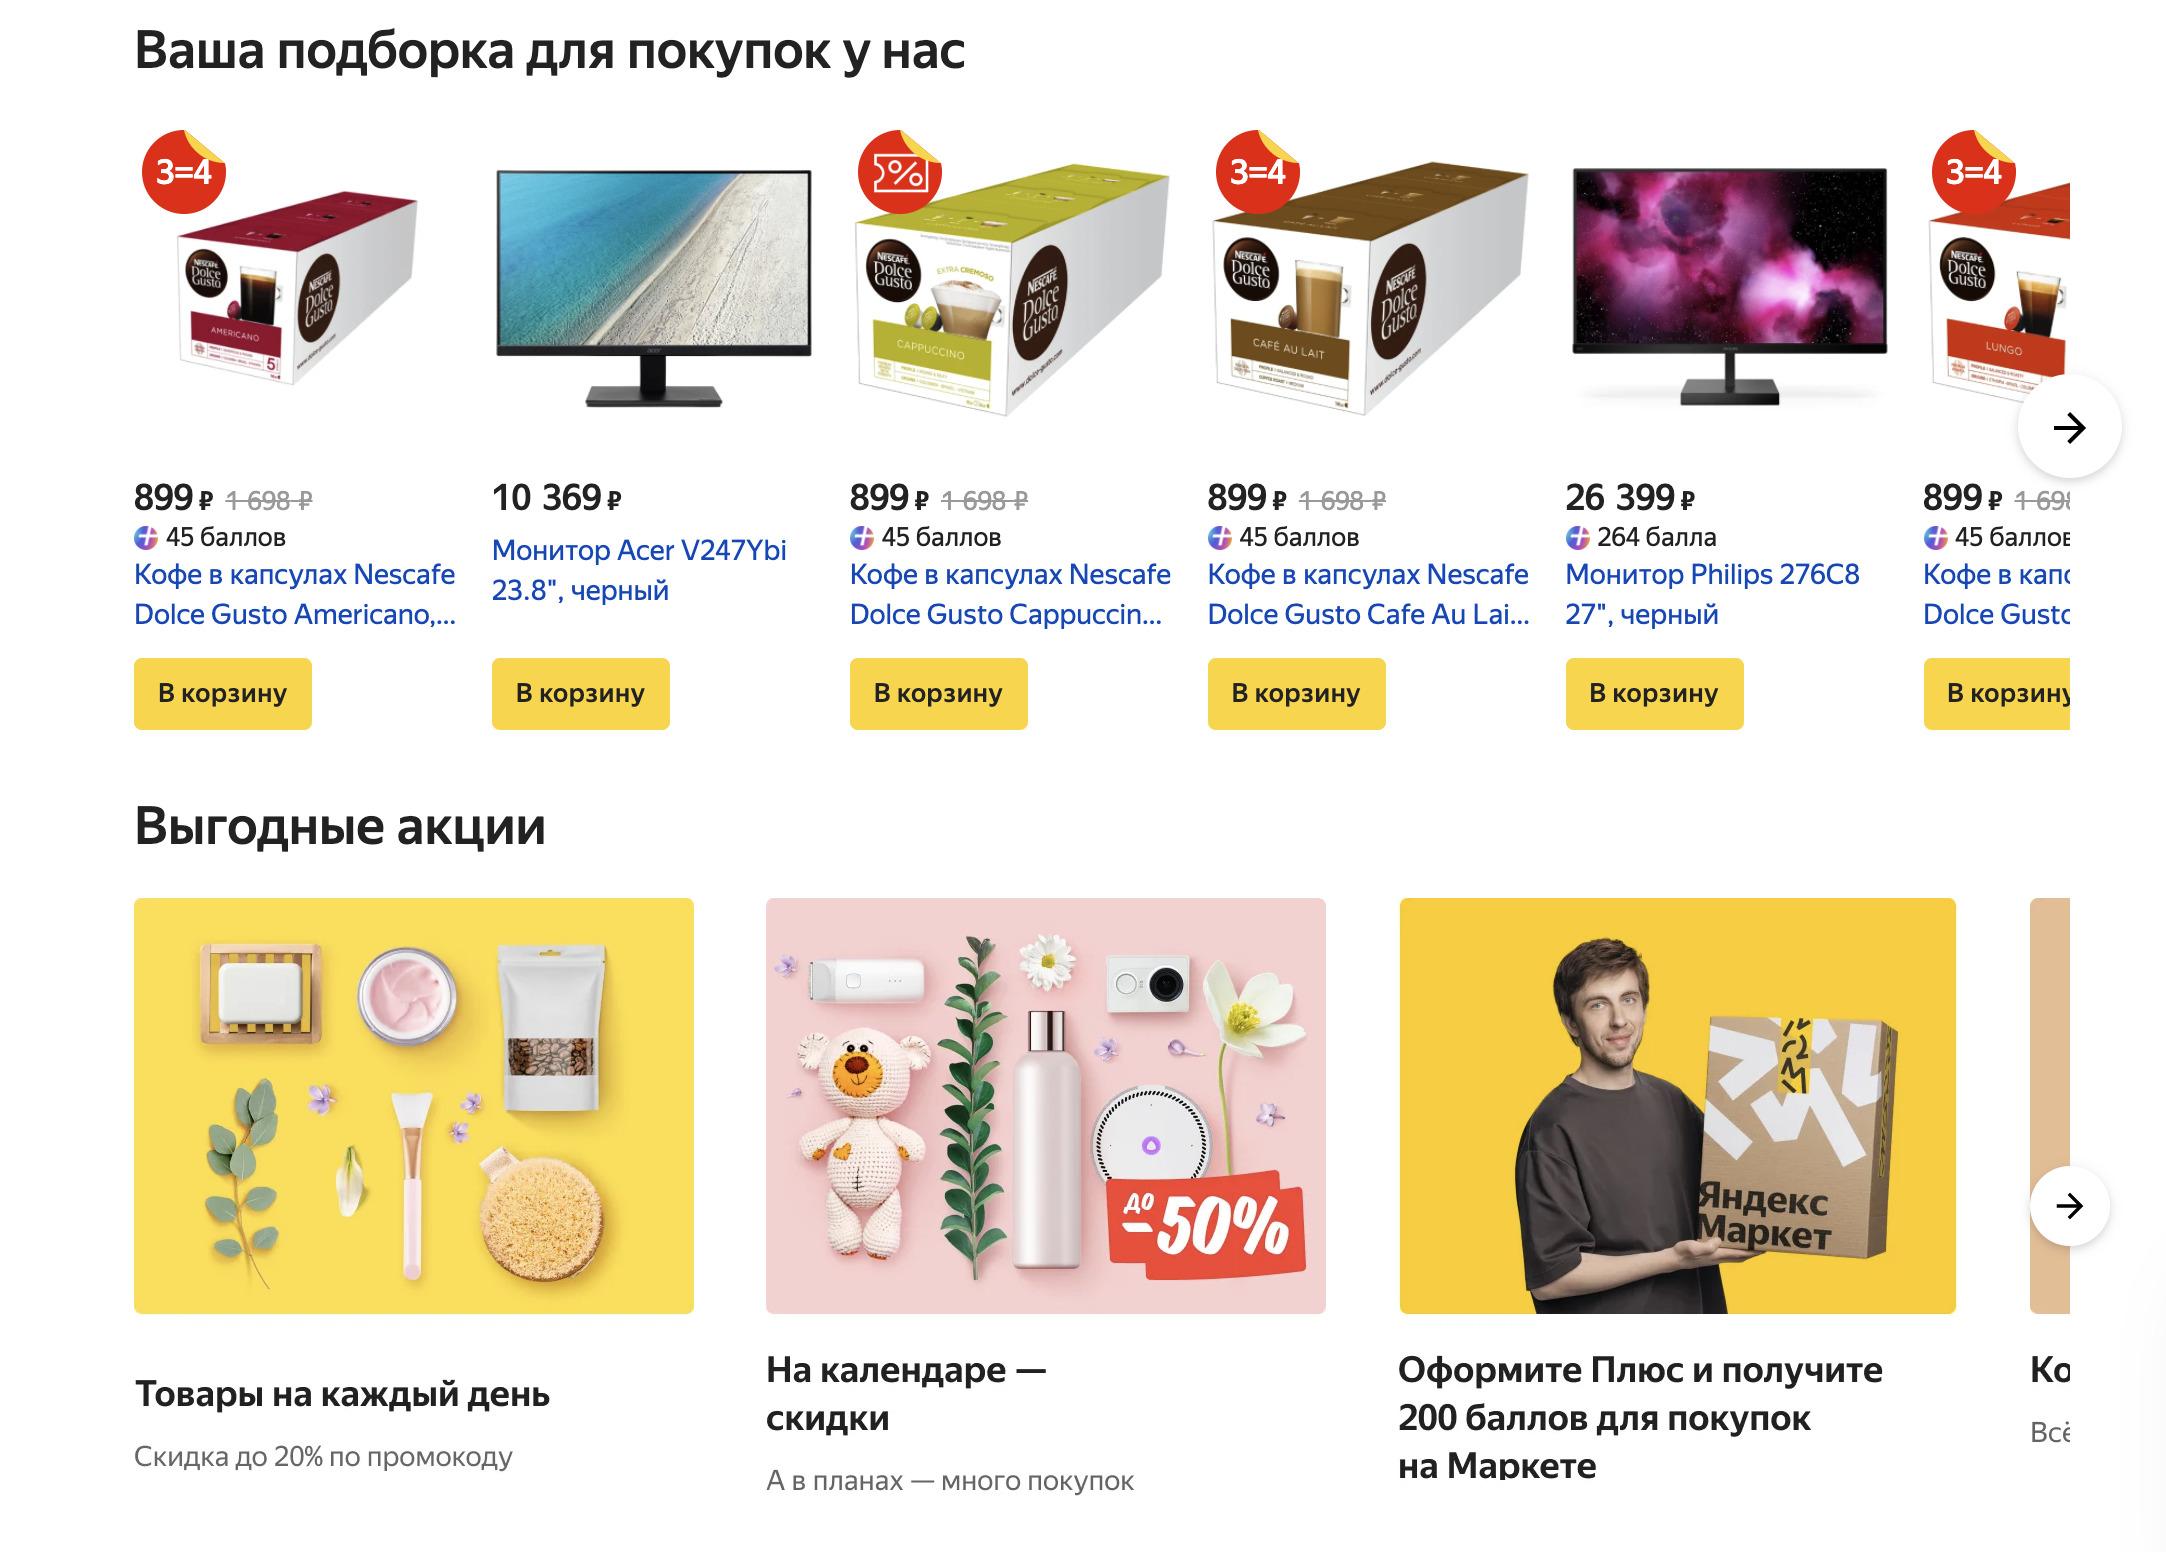 Доставка из Яндекс.Маркет в Тимашевск, сроки, пункты выдачи, каталог